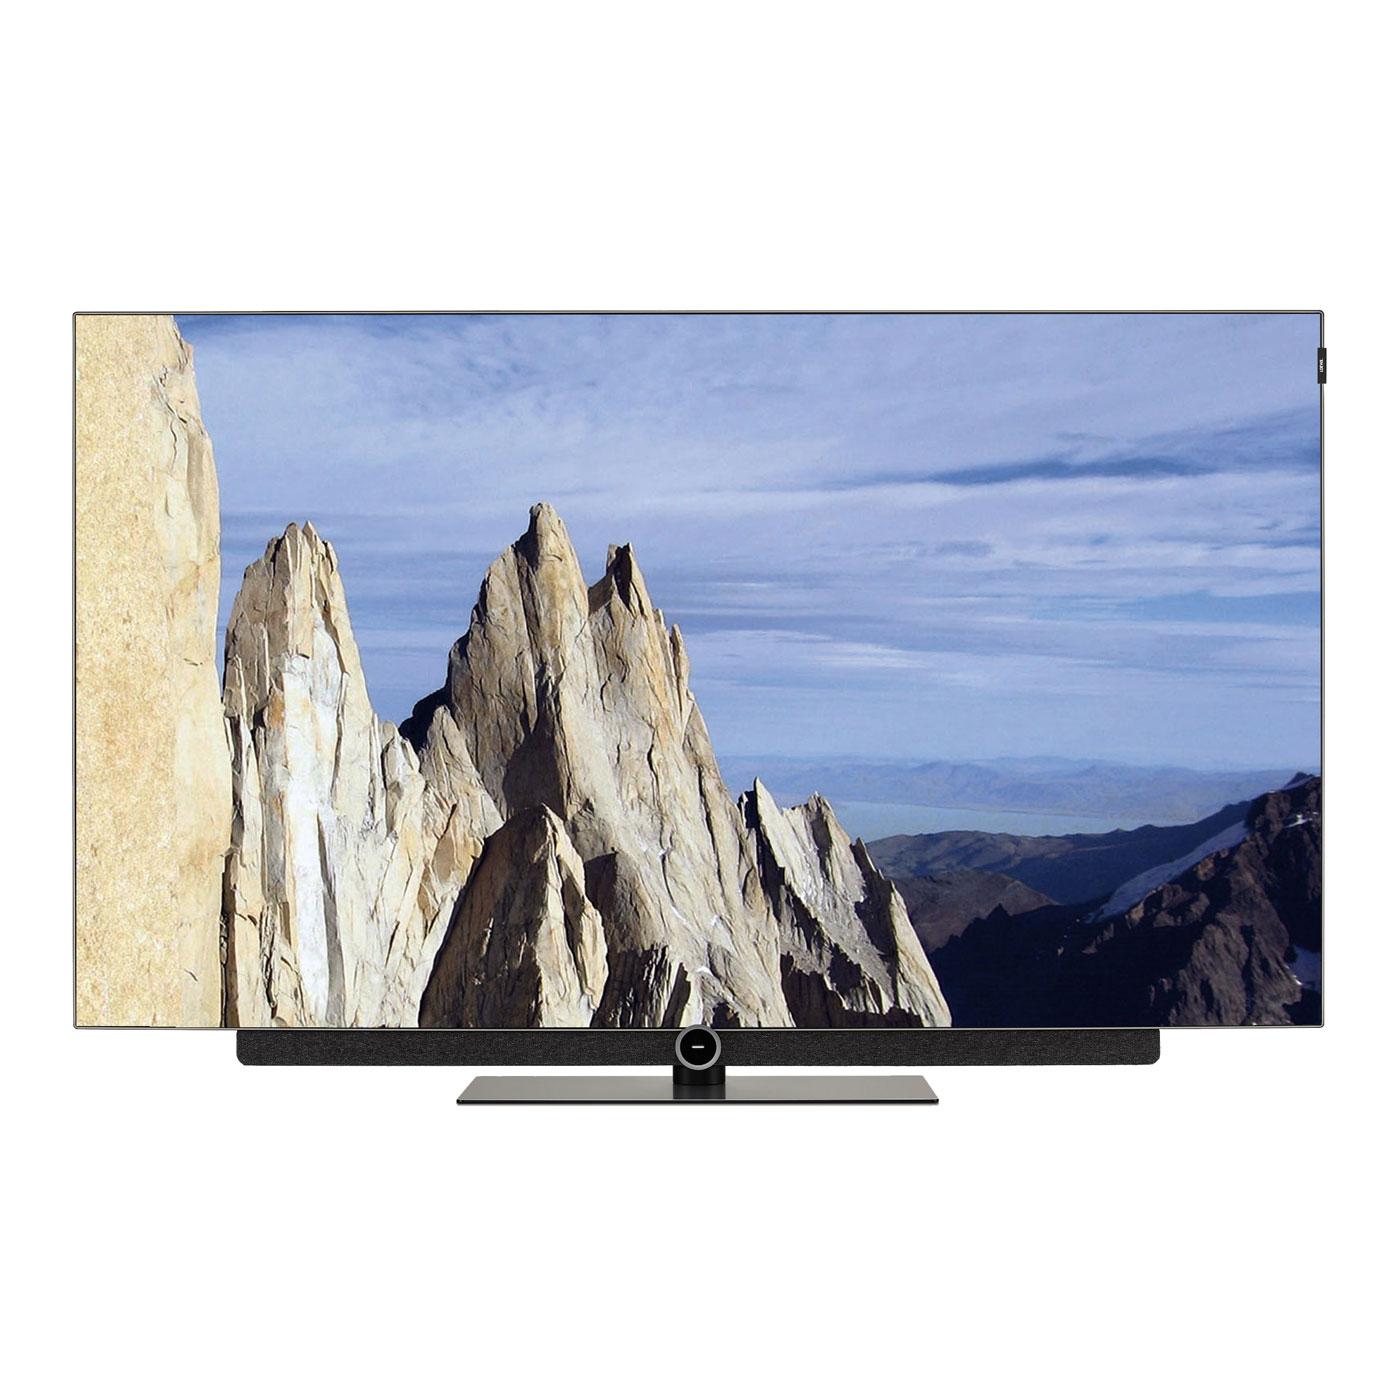 """TV Loewe Bild 3.65 OLED Gris Graphite Téléviseur OLED Ultra HD 65"""" (165 cm) 16/9 - 3840 x 2160 pixels - Ultra HD 2160p - HDR - Wi-Fi - Bluetooth - Barre de son intégrée (dalle native 100 Hz)"""